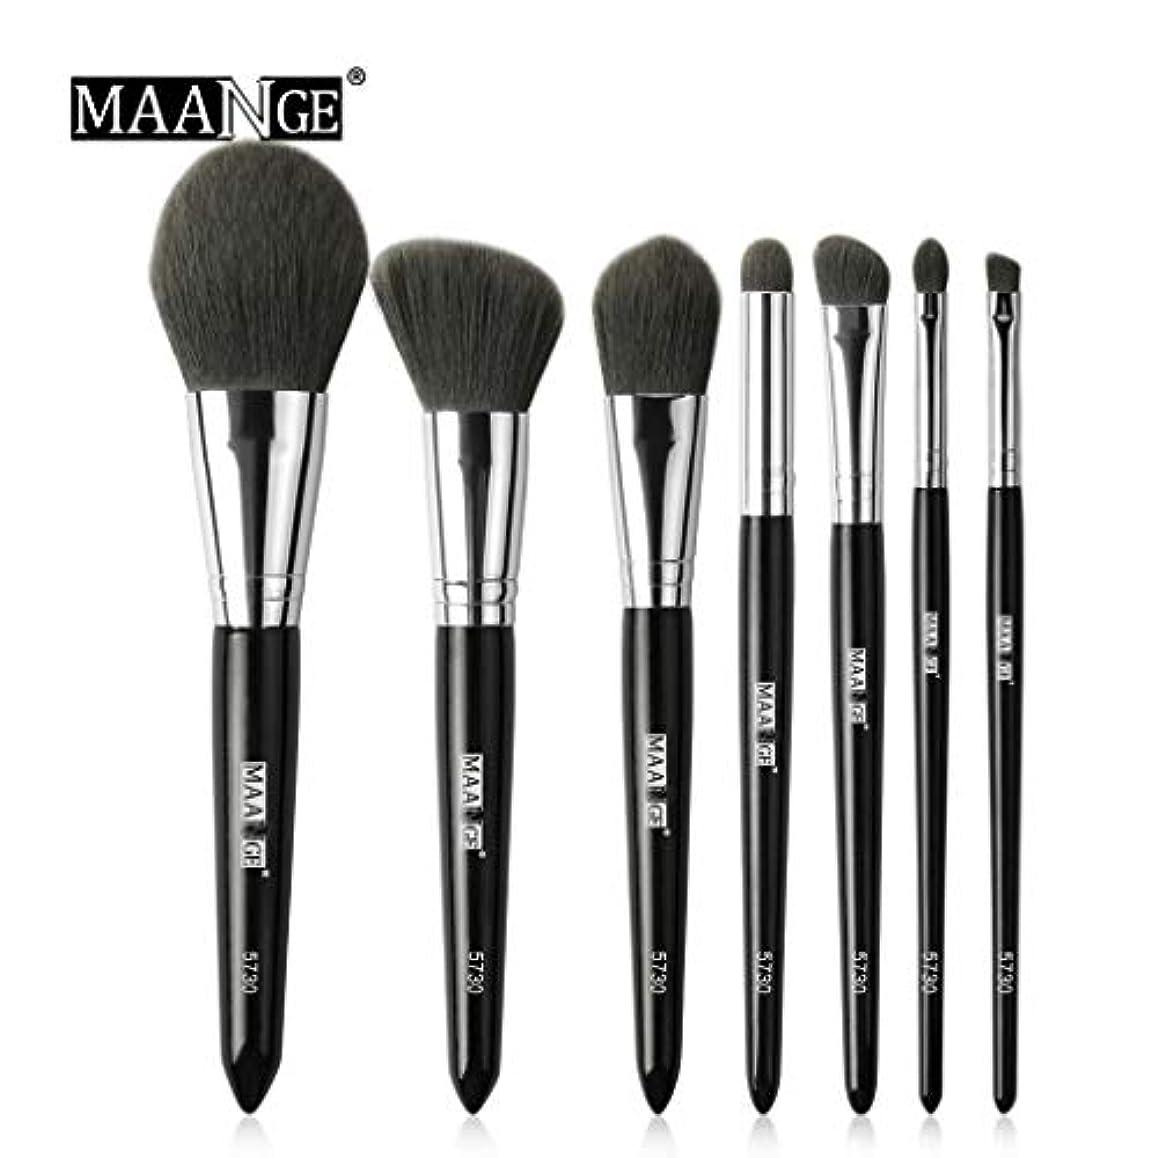 原点南方の因子Akane 7本 MAANGE プロ 高級 多機能 たっぷり 上等 魅力的 セート 高品質 おしゃれ 柔らかい 激安 日常 仕事 Makeup Brush メイクアップブラシ MAG5730